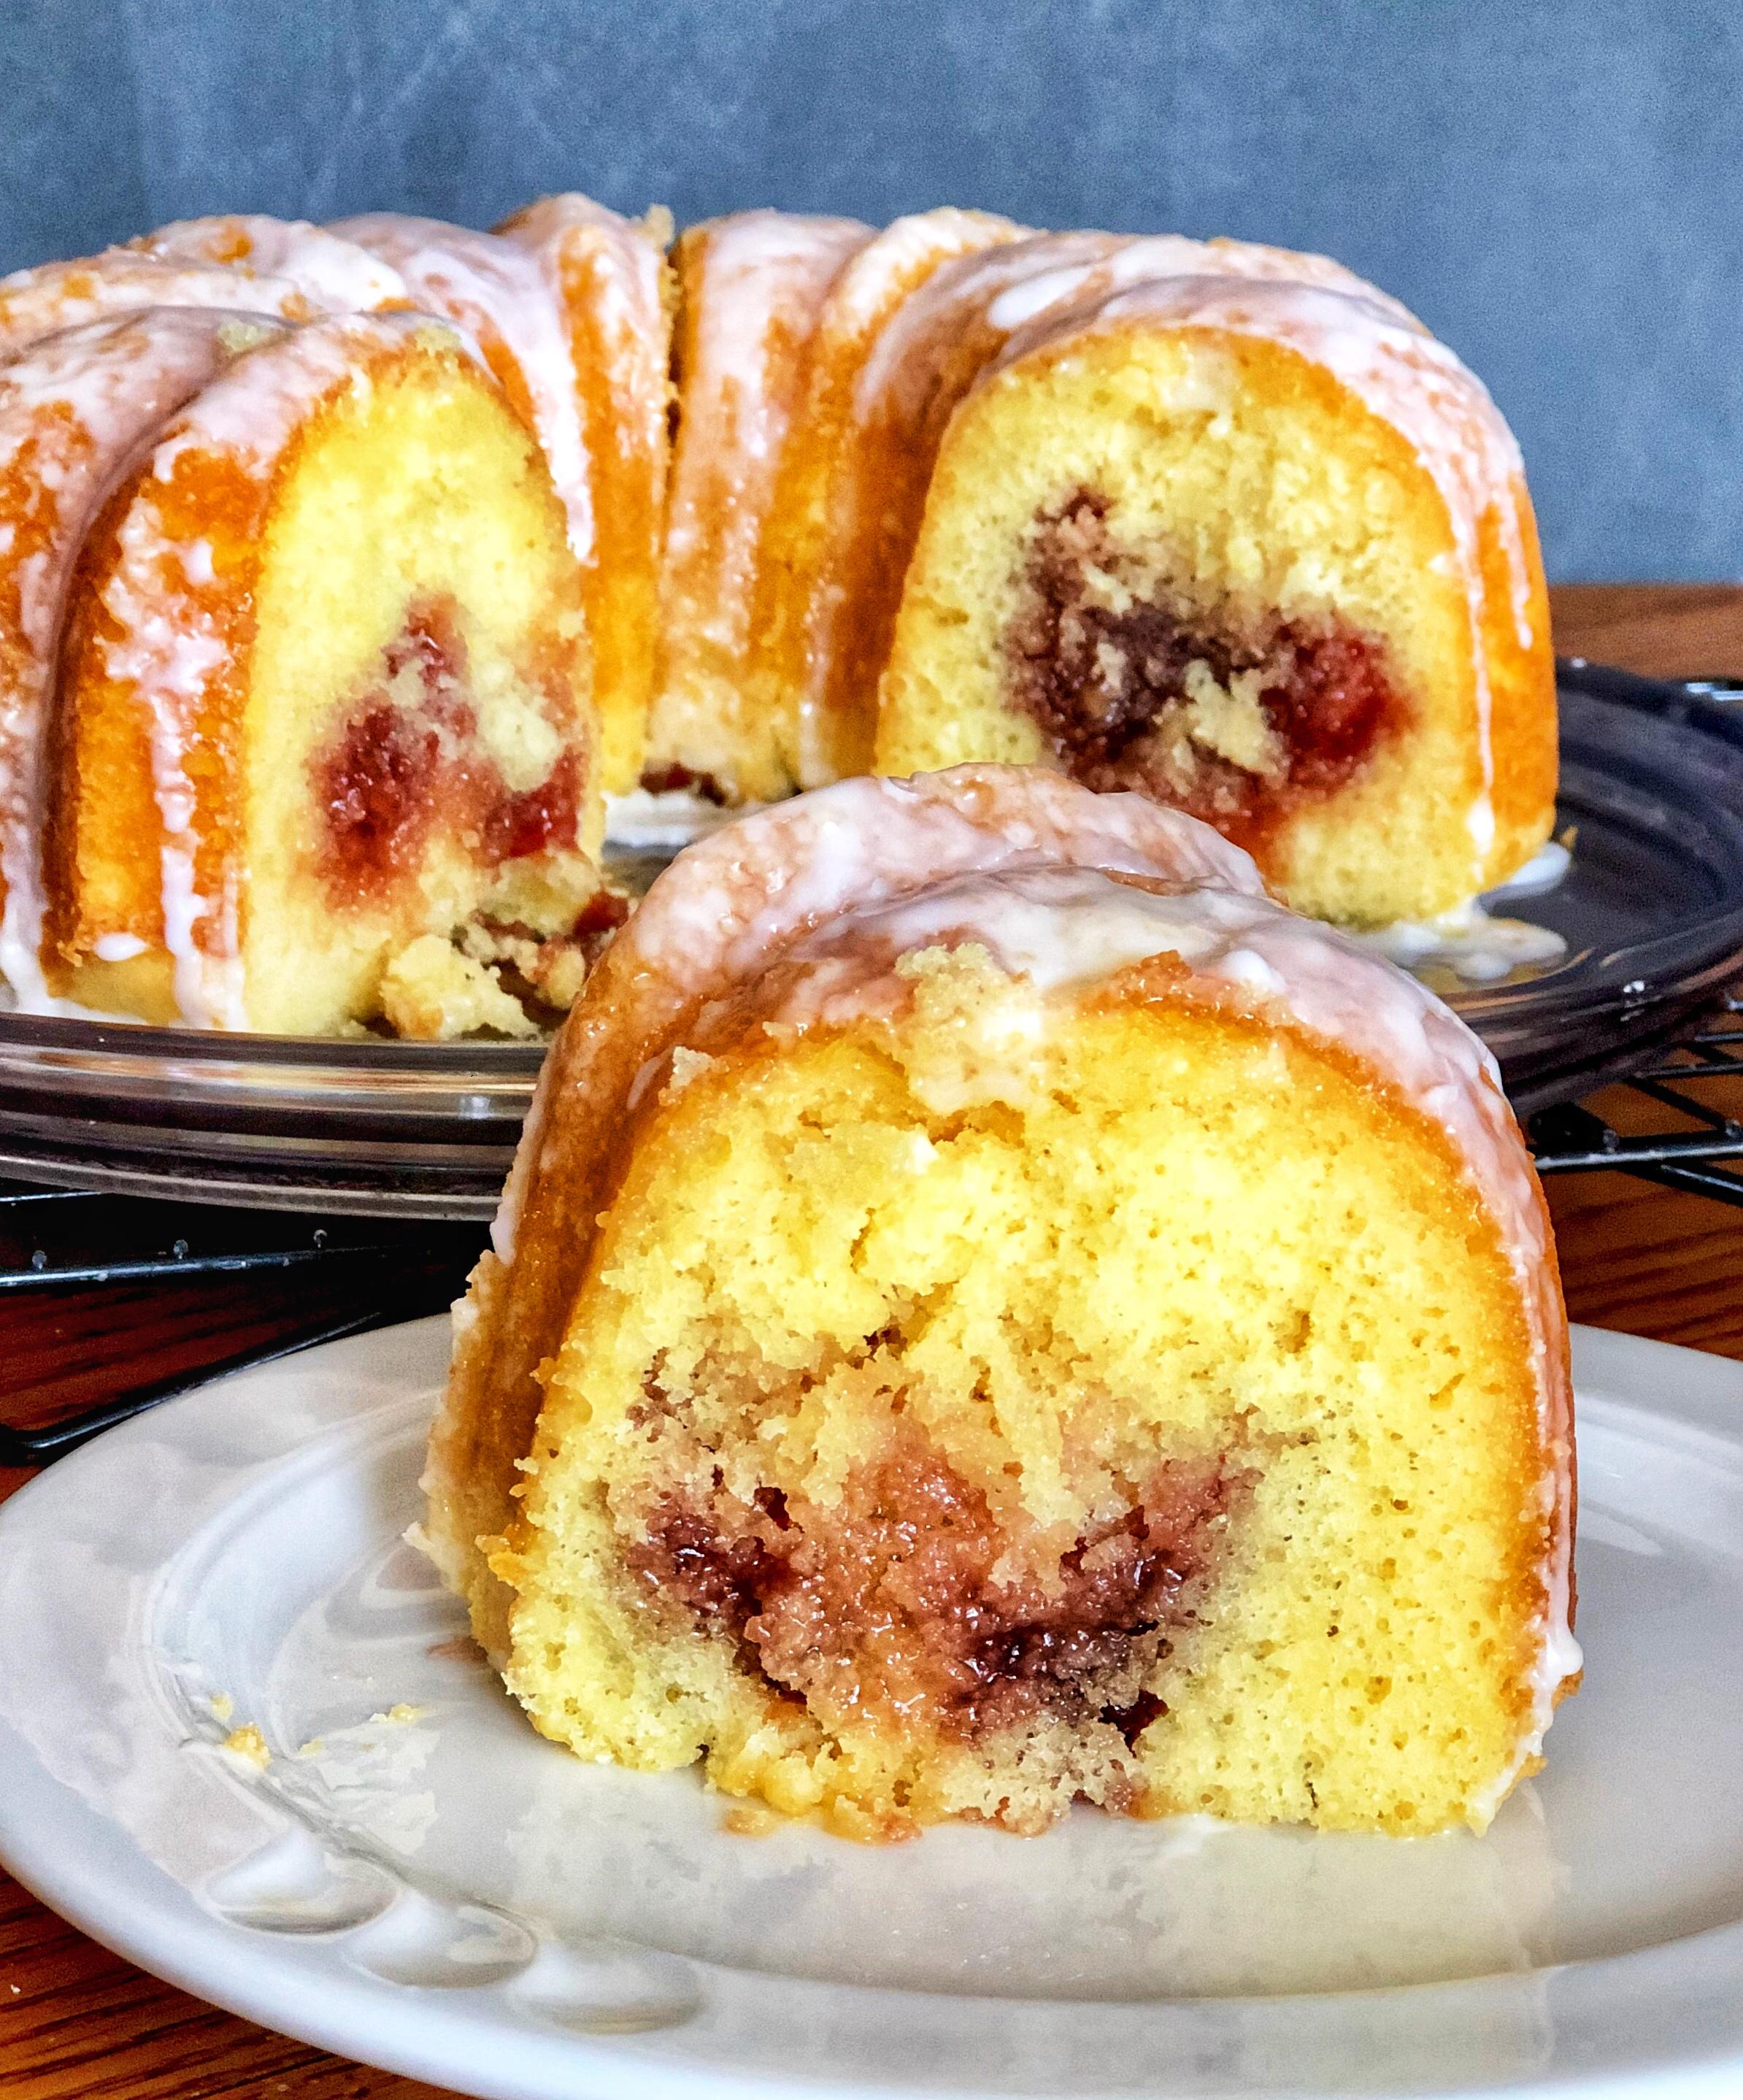 Farrah's Jelly-Filled Cake